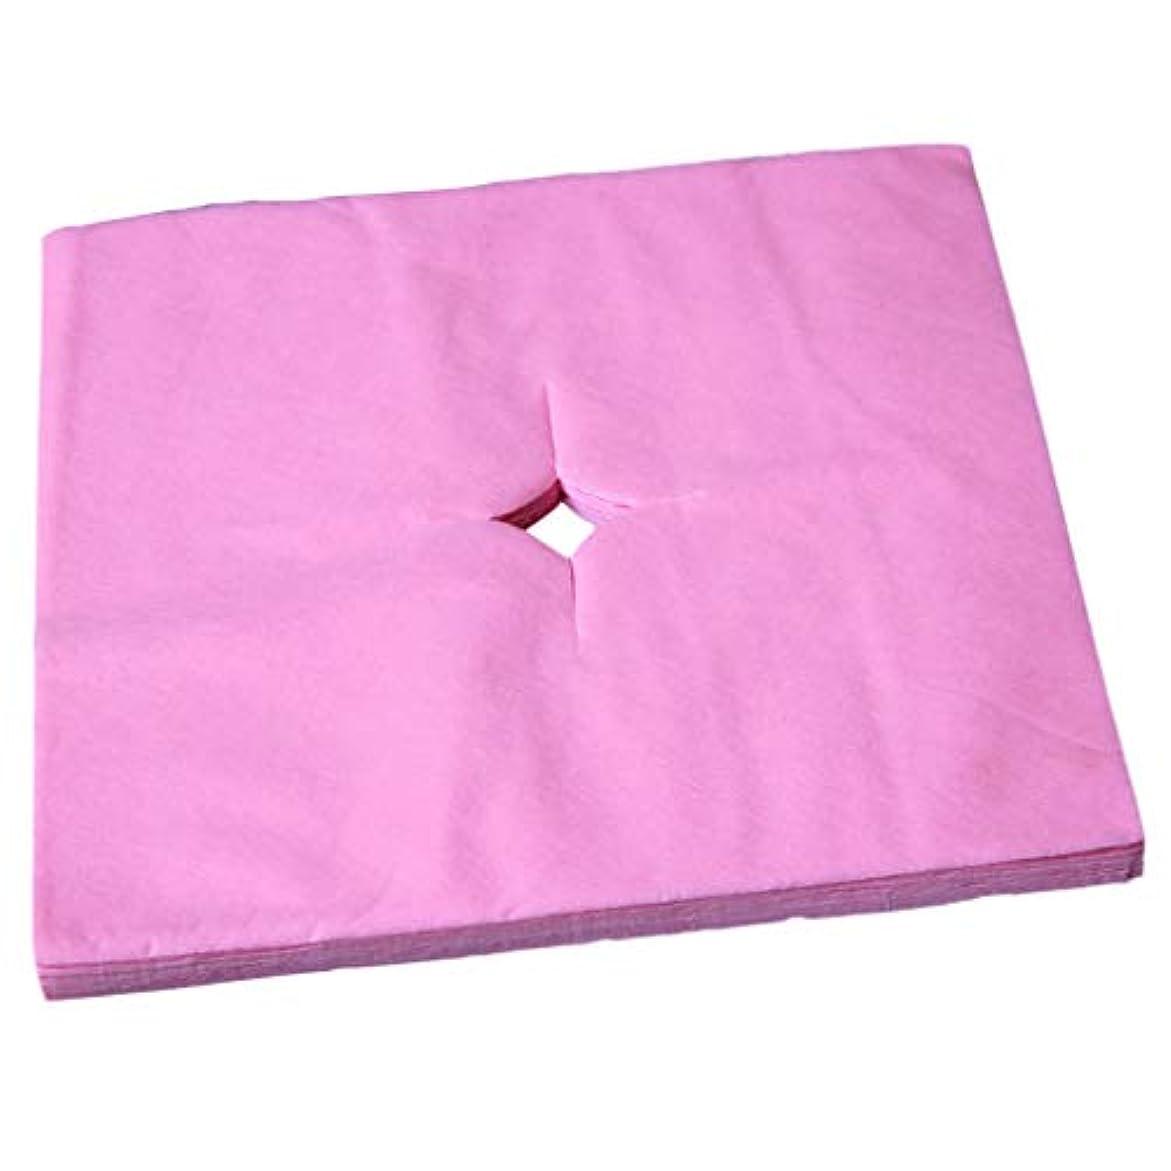 sharprepublic フェイスクレードルカバー マッサージフェイスカバー マッサージサロン 使い捨て 寝具カバー 全3色 - ピンク